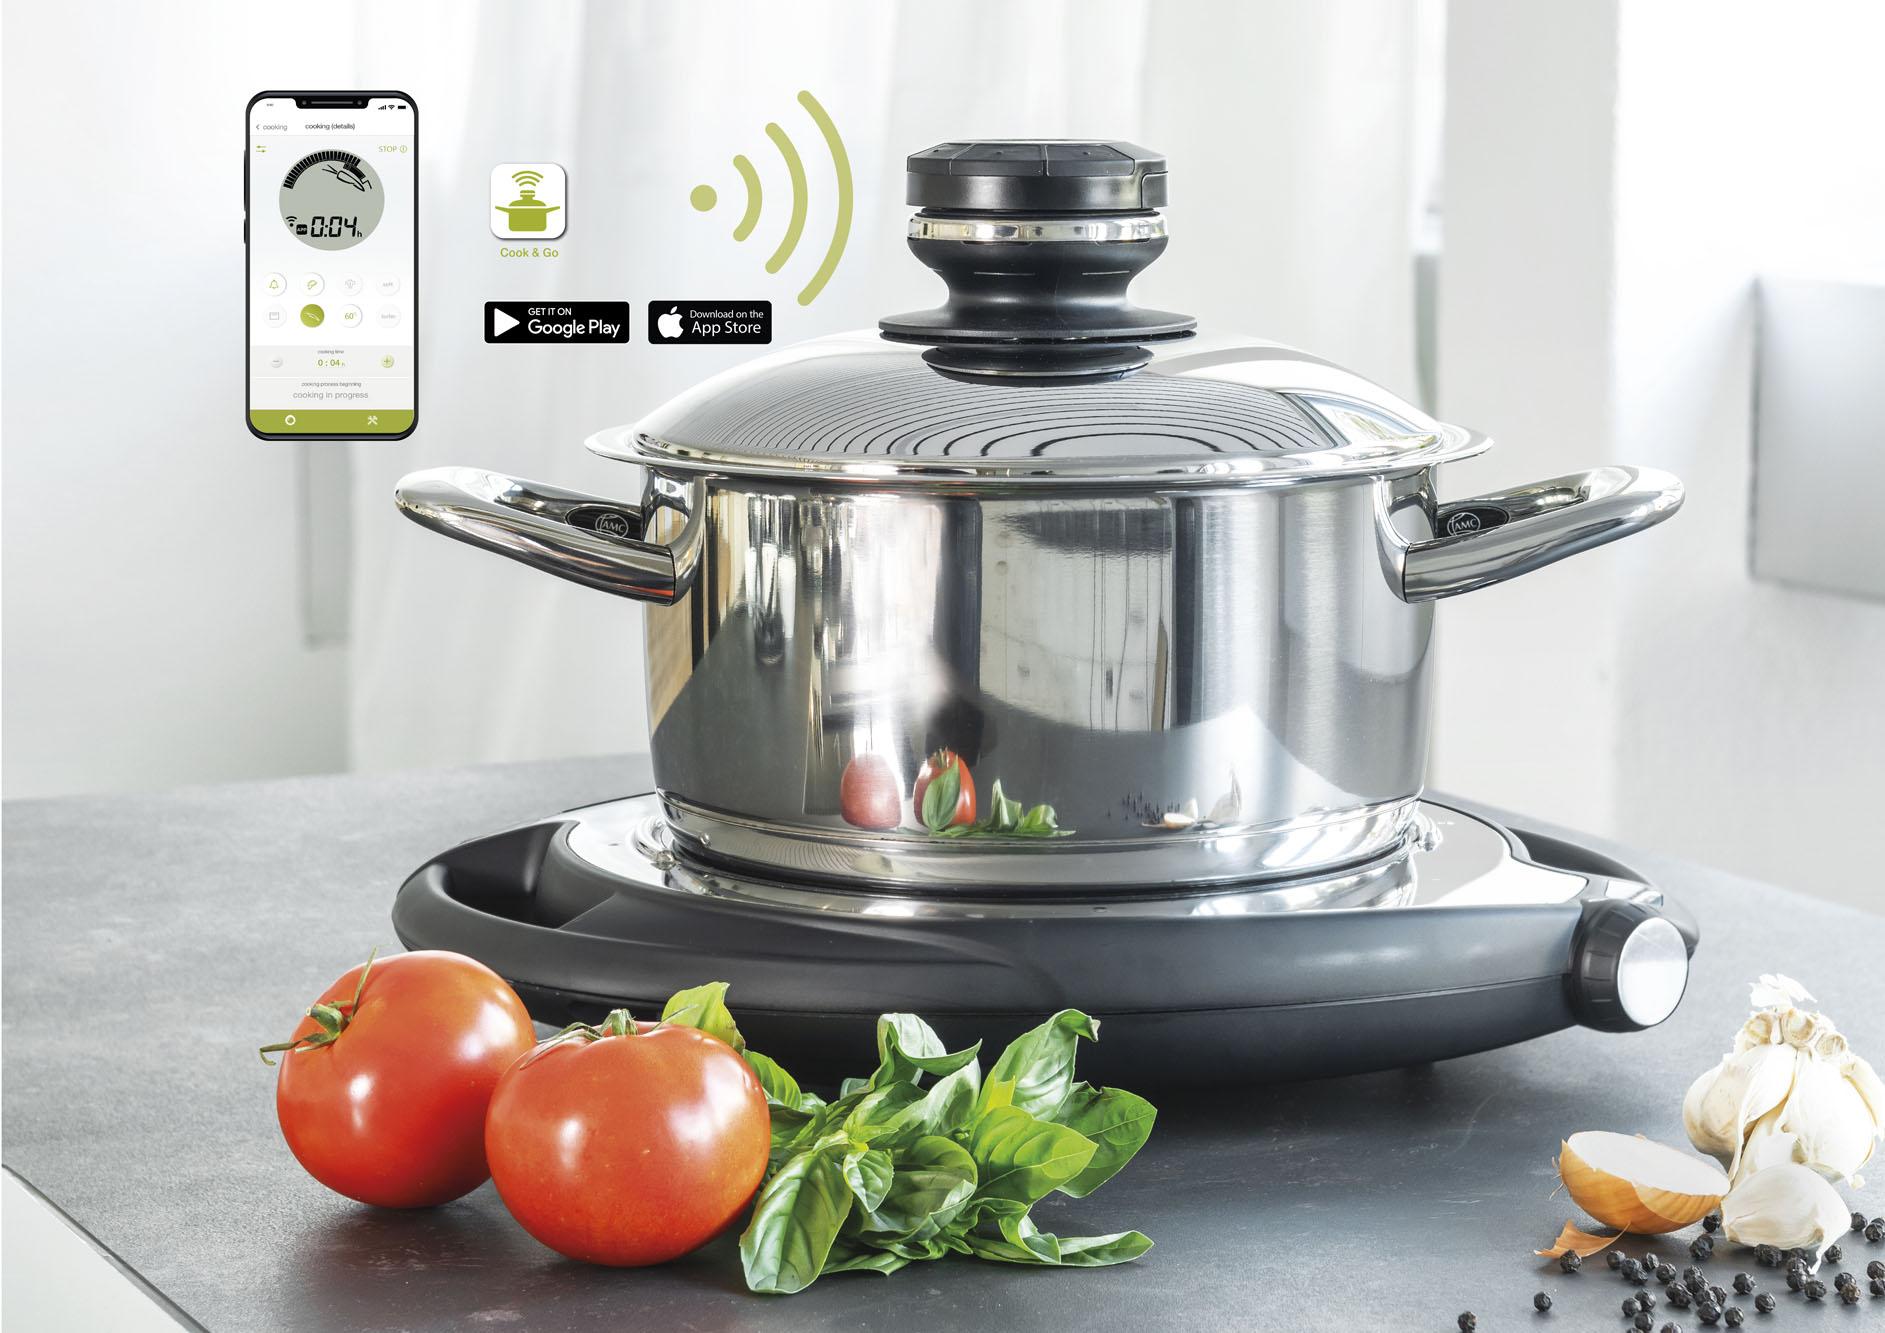 Smarte Küchenhelfer